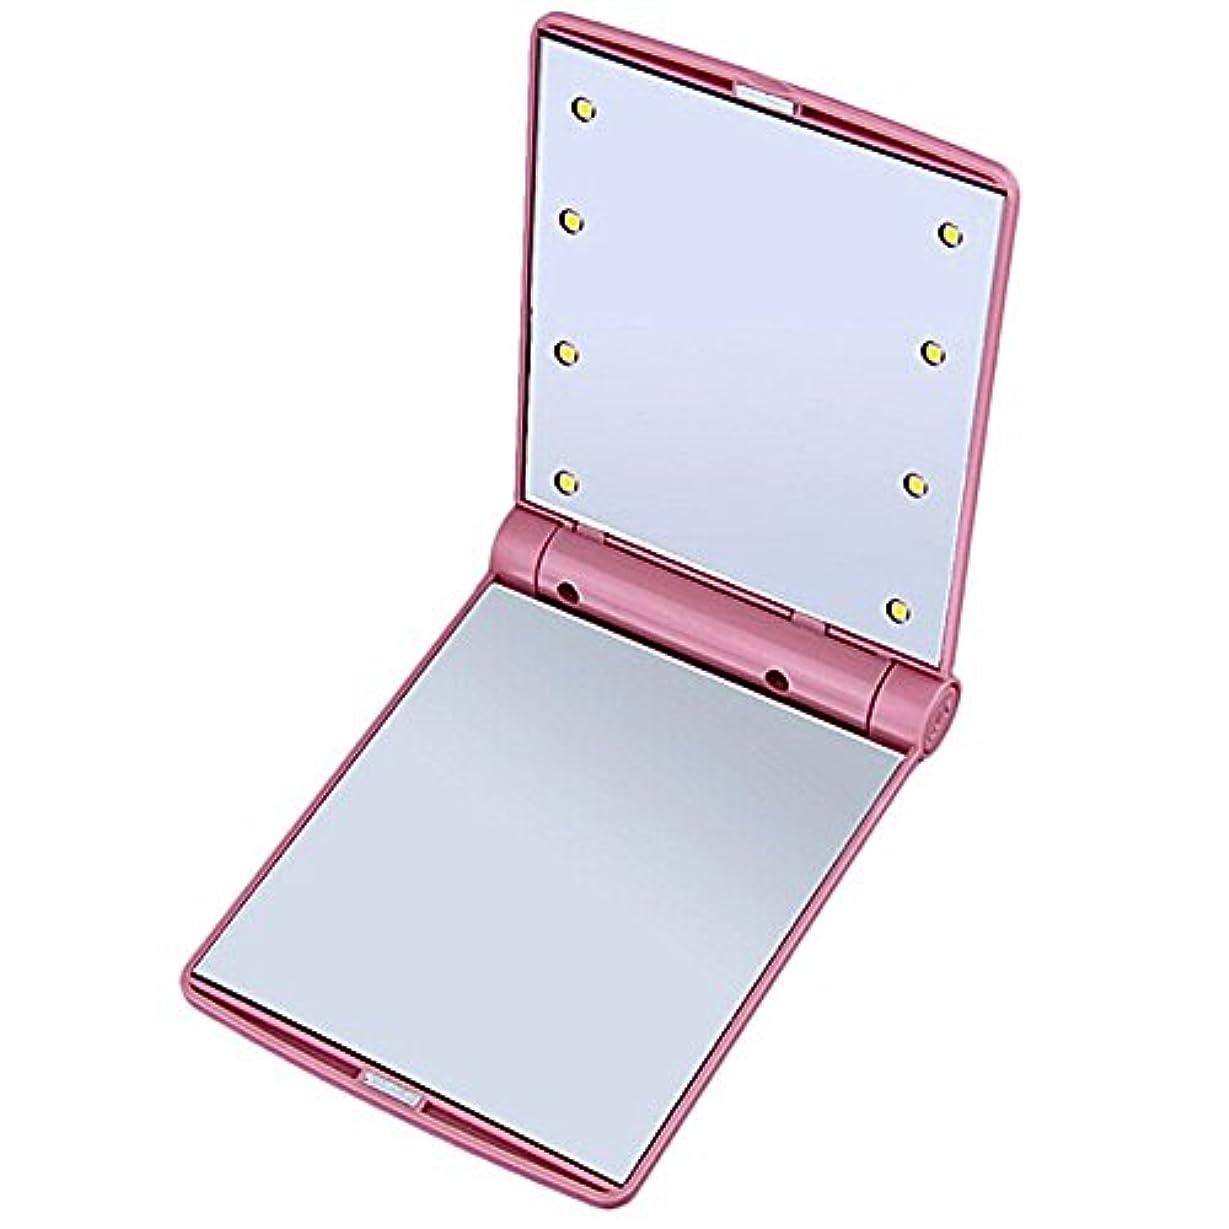 何よりも召集する繁栄するQIAONAI 鏡 化粧鏡  LEDライト付き  コンパクトミラー 化粧鏡  LEDミラー  女優ミラー  折りたたみ式 二面鏡  スタンドミラー   コンパクト  LEDライト8個 女性